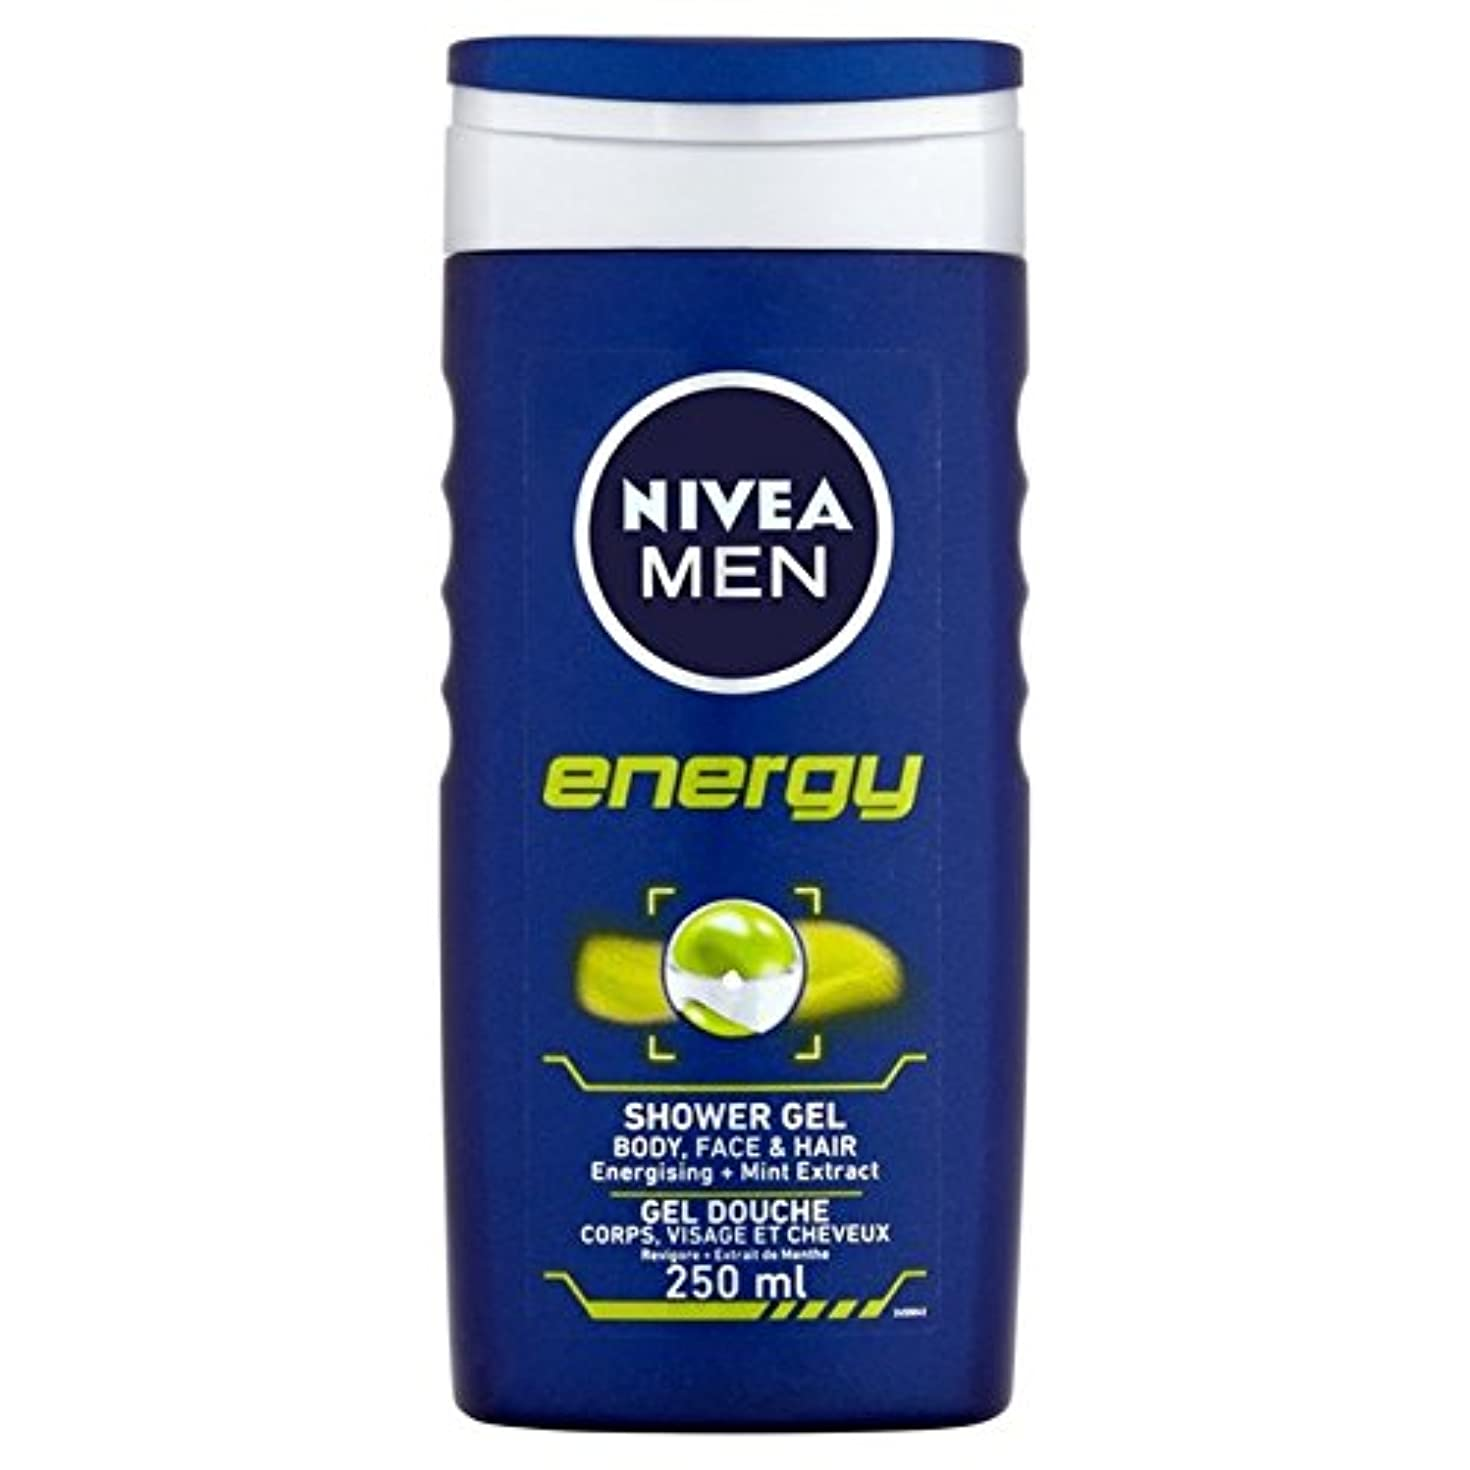 繕うホイットニーこんにちはNivea Men Energy 2 in 1 Shower 250ml - 1つのシャワー250ミリリットル中ニベアの男性のエネルギー2 [並行輸入品]